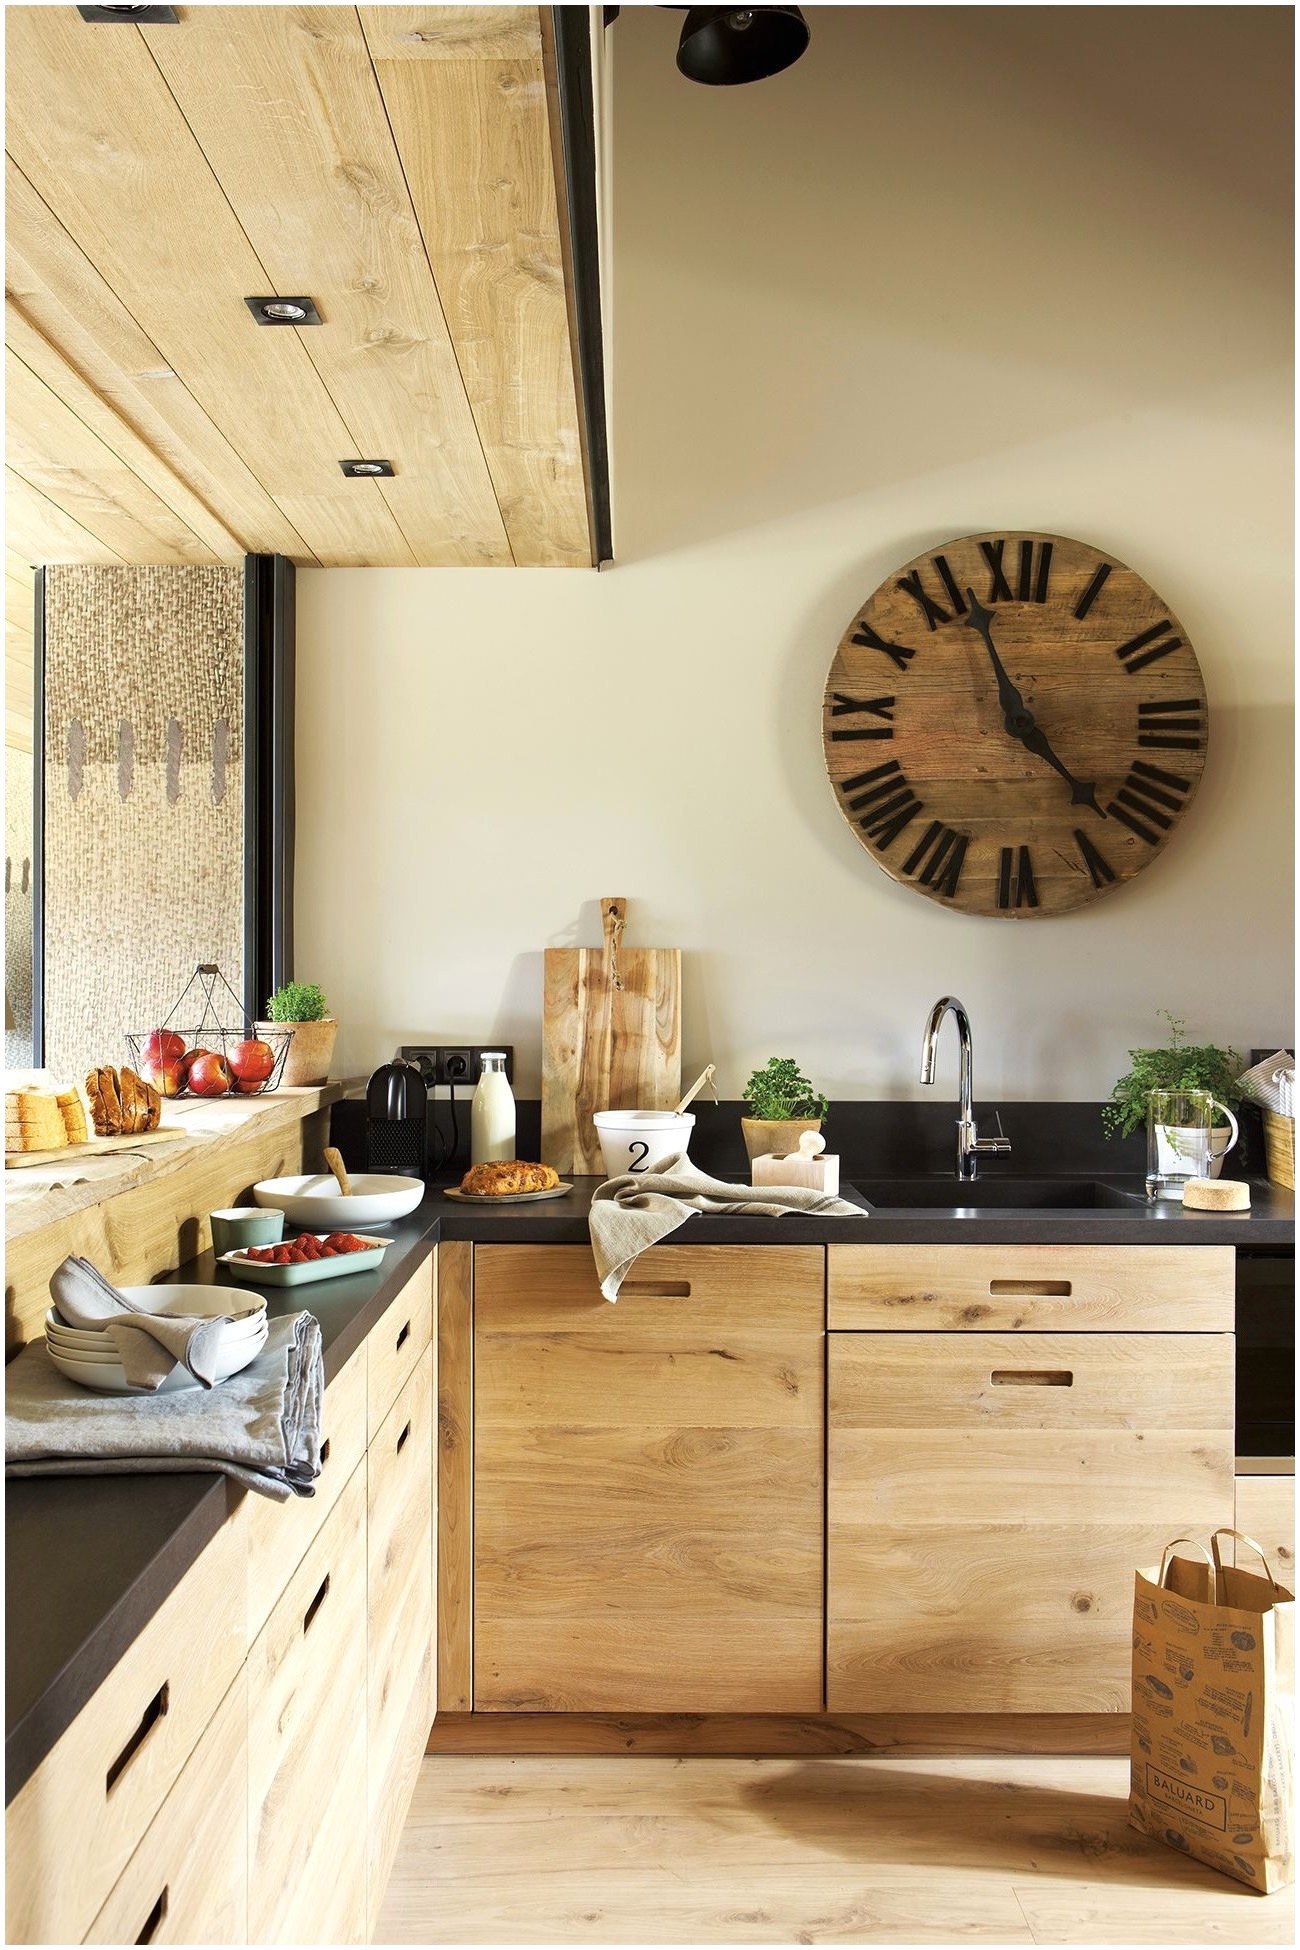 Decoracion de cocinas peque as sencillas y economicas for Decoracion de cocinas sencillas y economicas